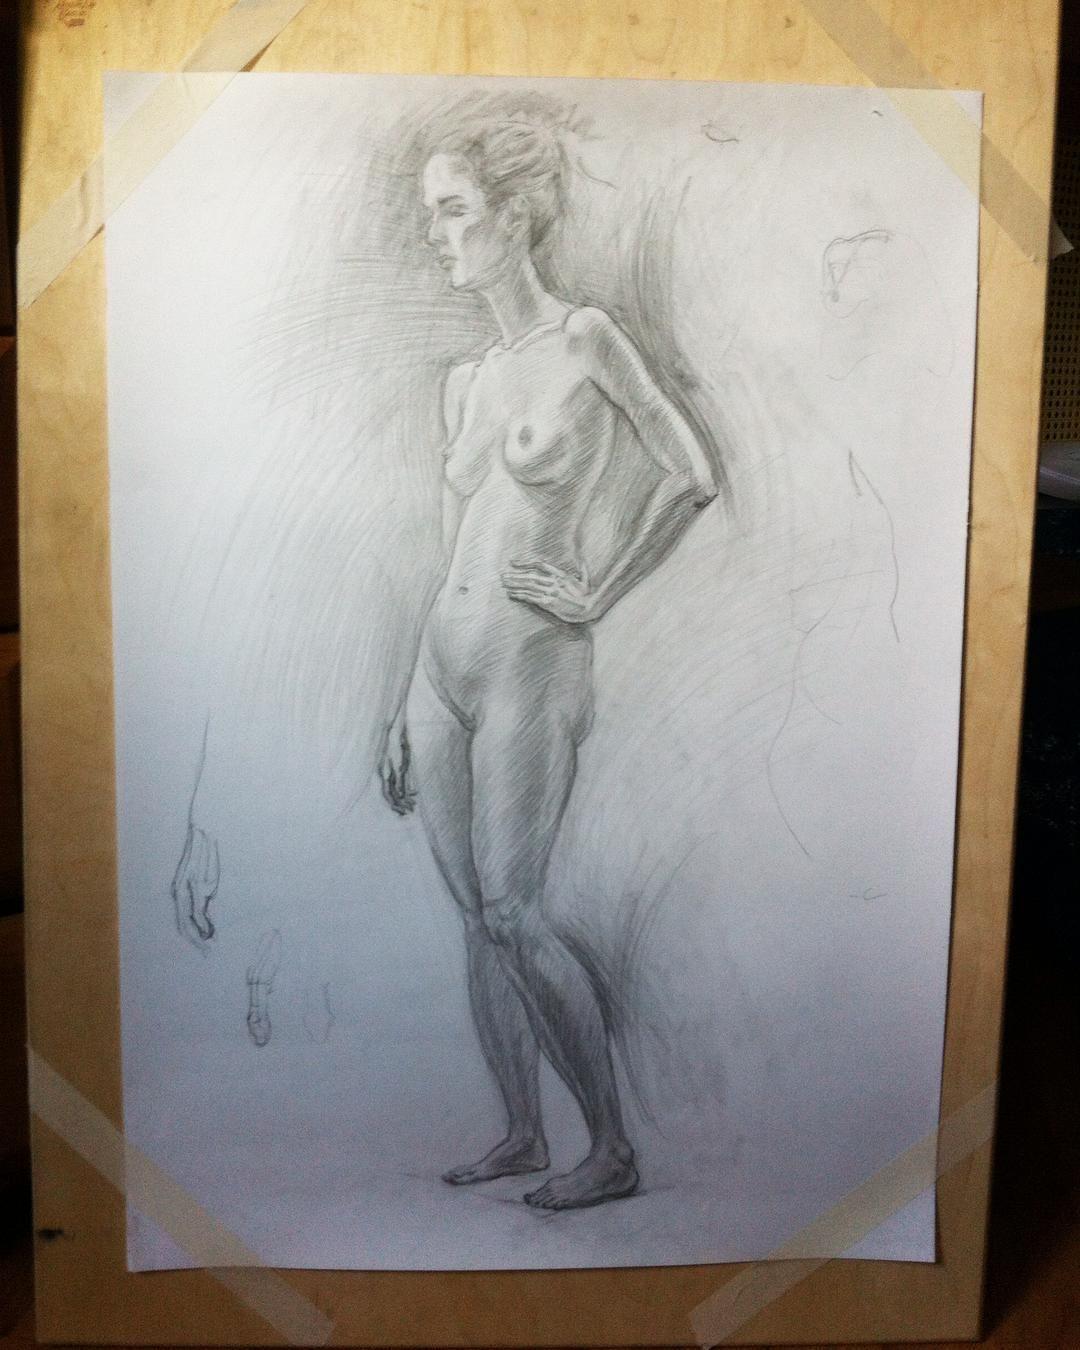 Рисунок на несколько занятий. Что успела. Можно было бы ещё продолжить, много недоделанного, но на следующем занятии будет уже другая модель. #drawing #draw #artwork #artoftheday #art #artist #nude #nudemodel #instaart #artstagram #ню #обнаженка #обнаженнаянатура #рисунок #рисуноккарандашом